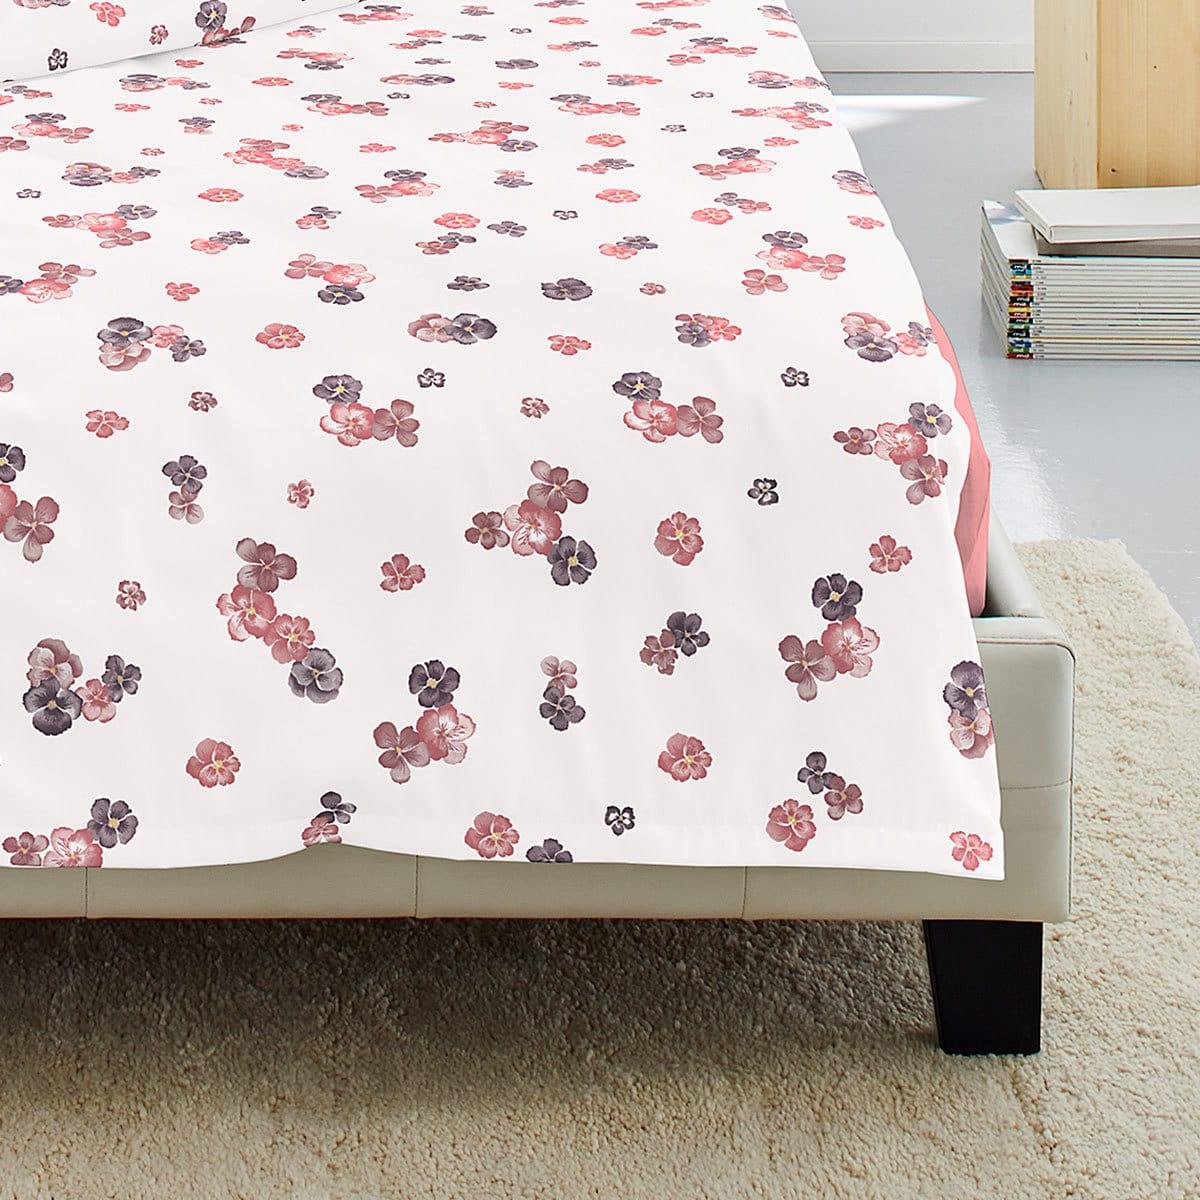 irisette jersey bettw sche luna 8748 60 g nstig online kaufen bei bettwaren shop. Black Bedroom Furniture Sets. Home Design Ideas